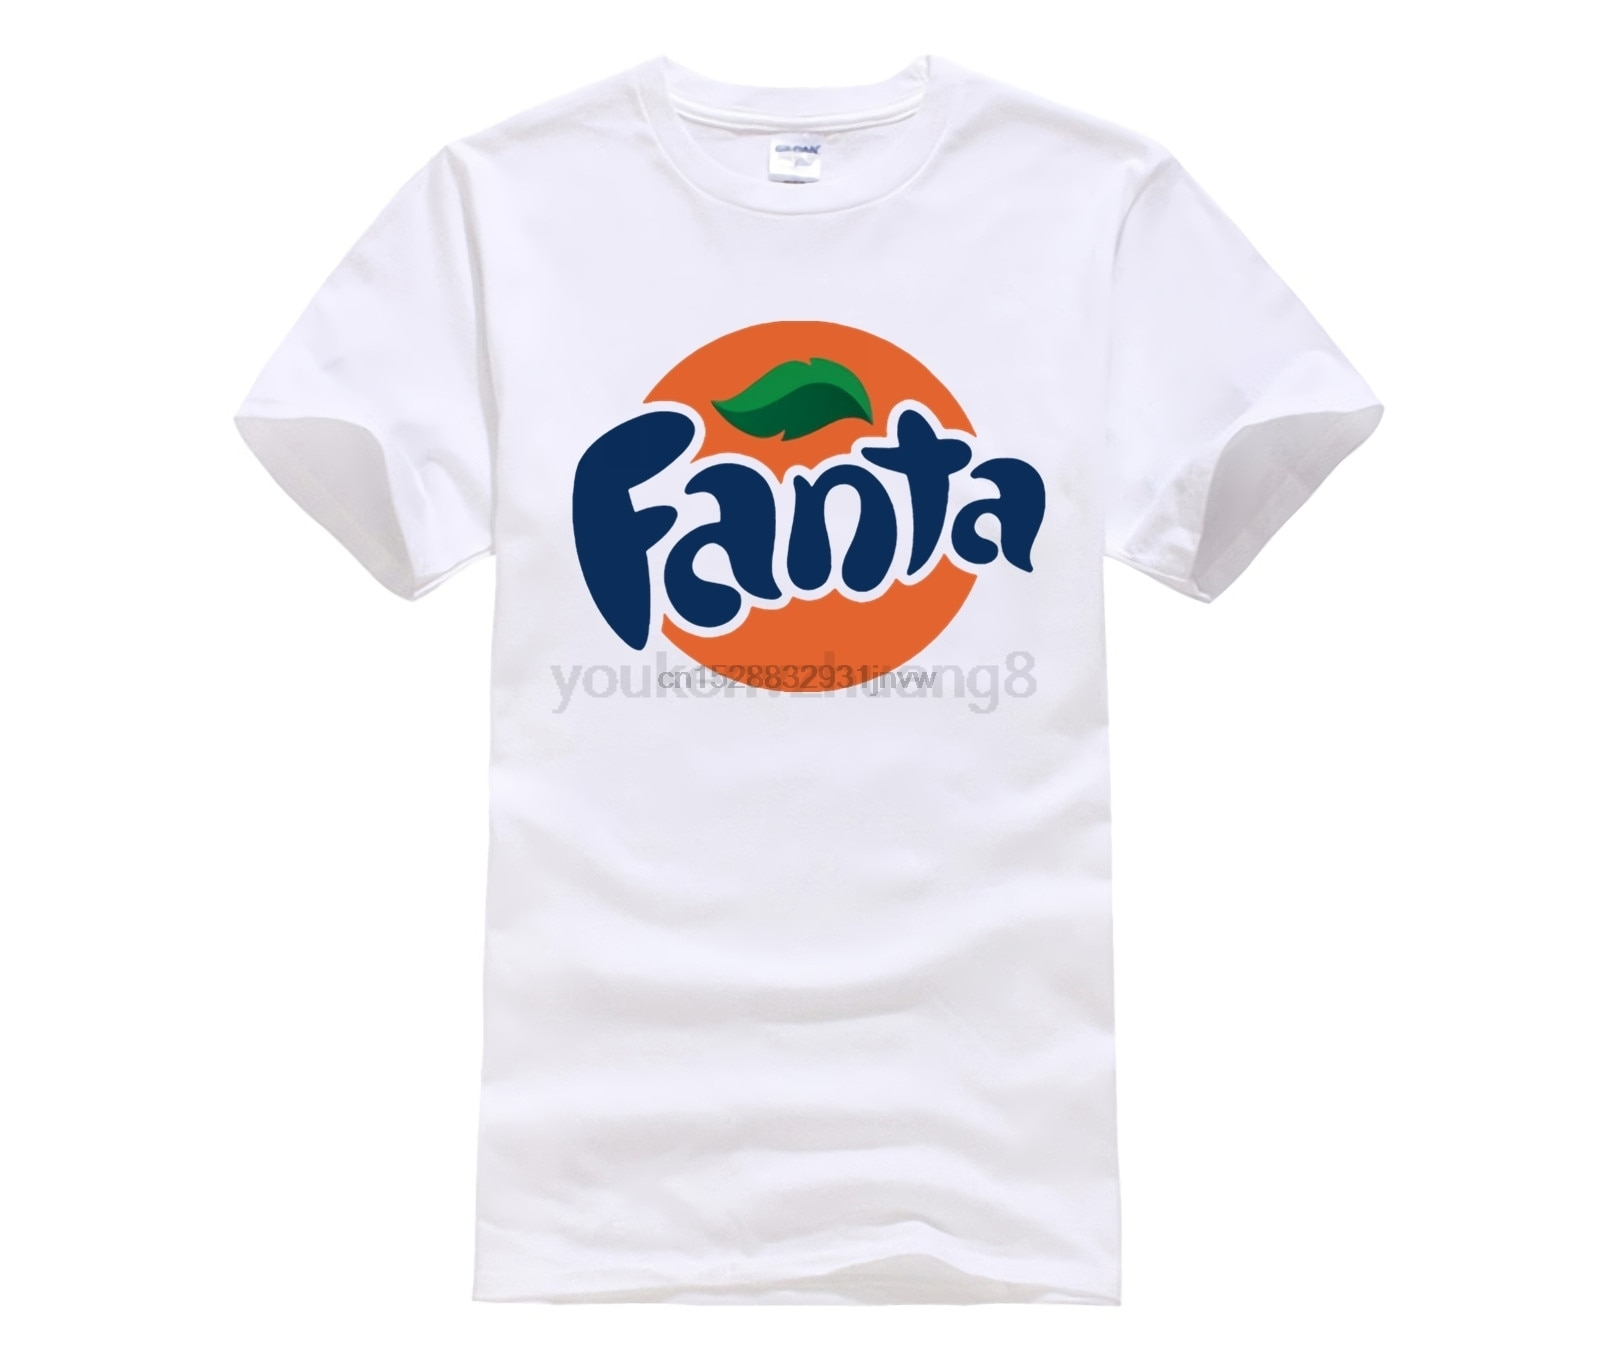 Горячие предложения, футболка, Новое поступление, футболка, Bandit Fanta Orange Soda Pop Drink, Классическая футболка, забавная повседневная одежда